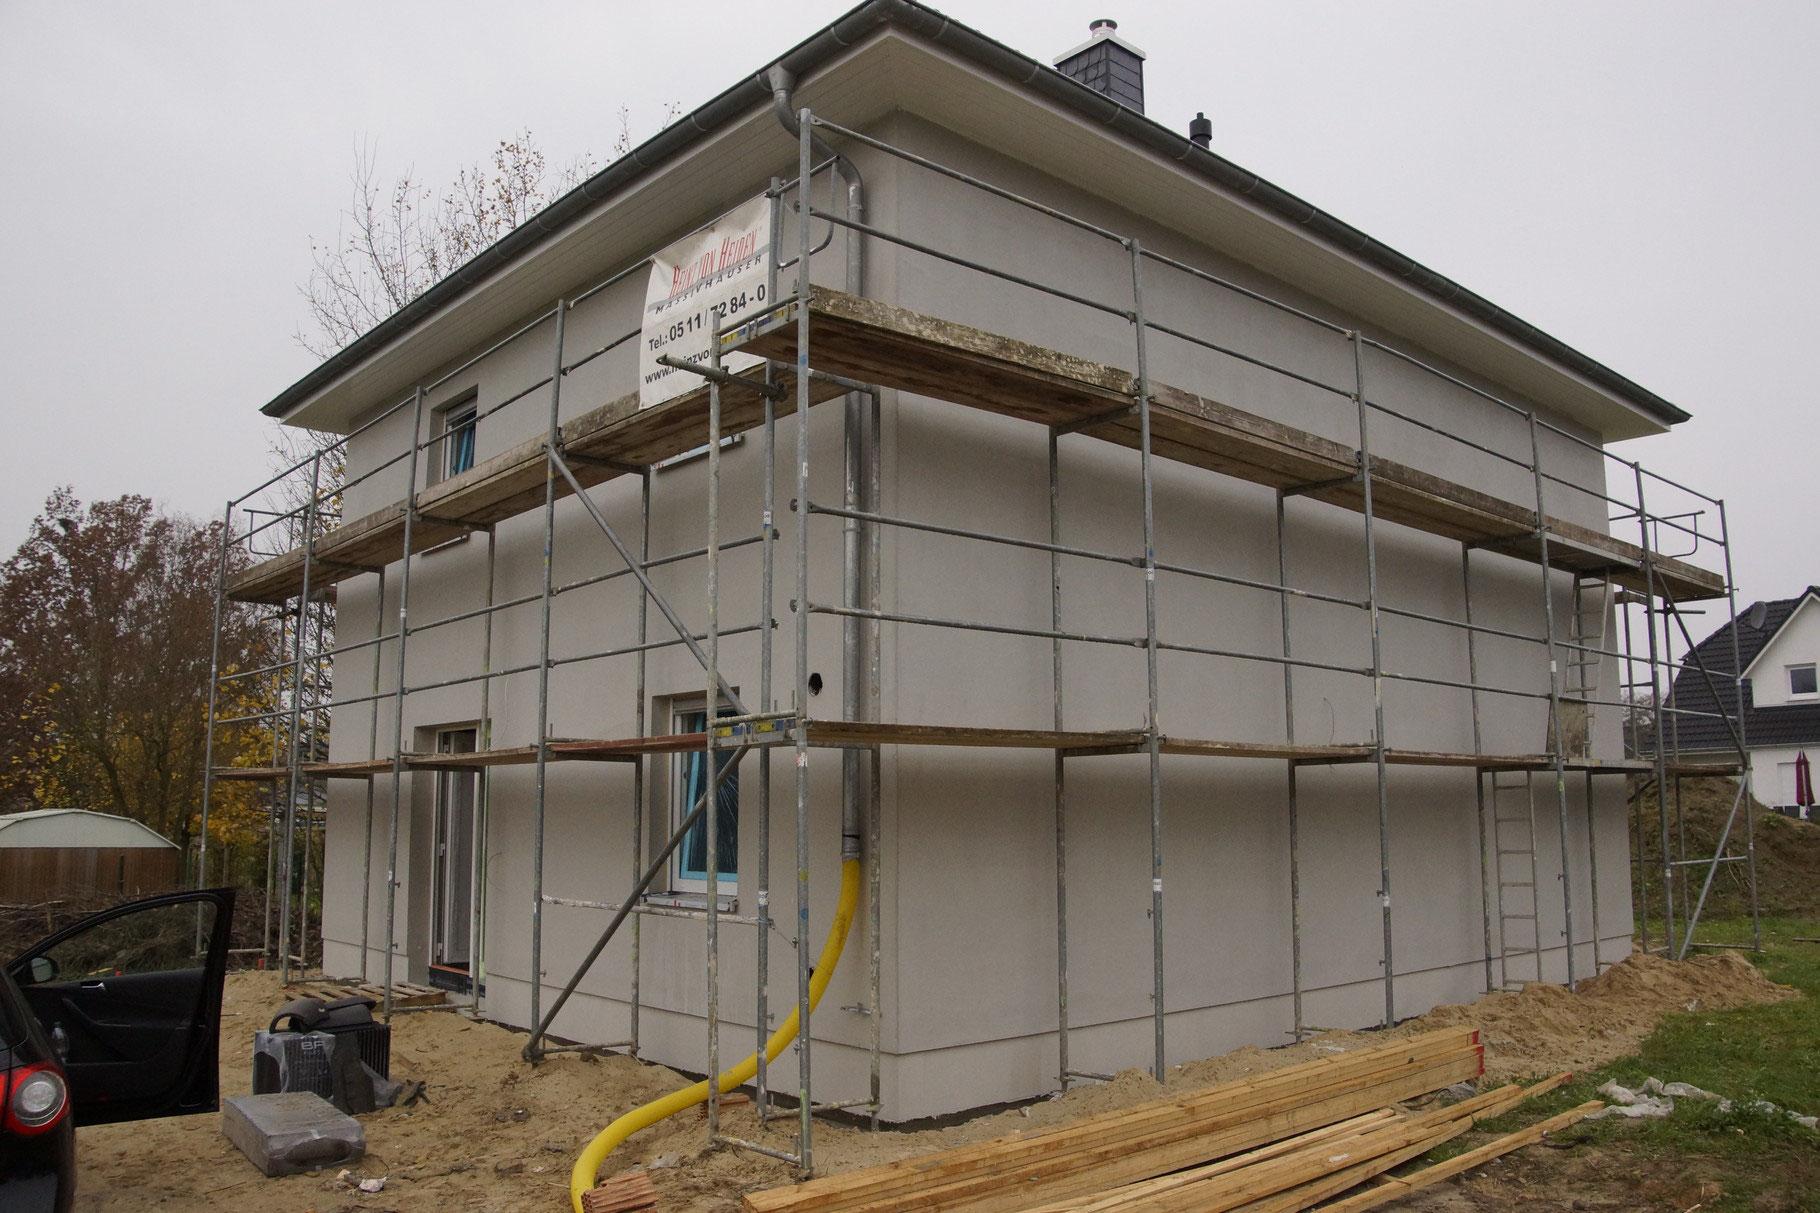 Turbo KW 46   Dachkasten & Heizung Sanitär - Bautagebuch von Susi und IL07